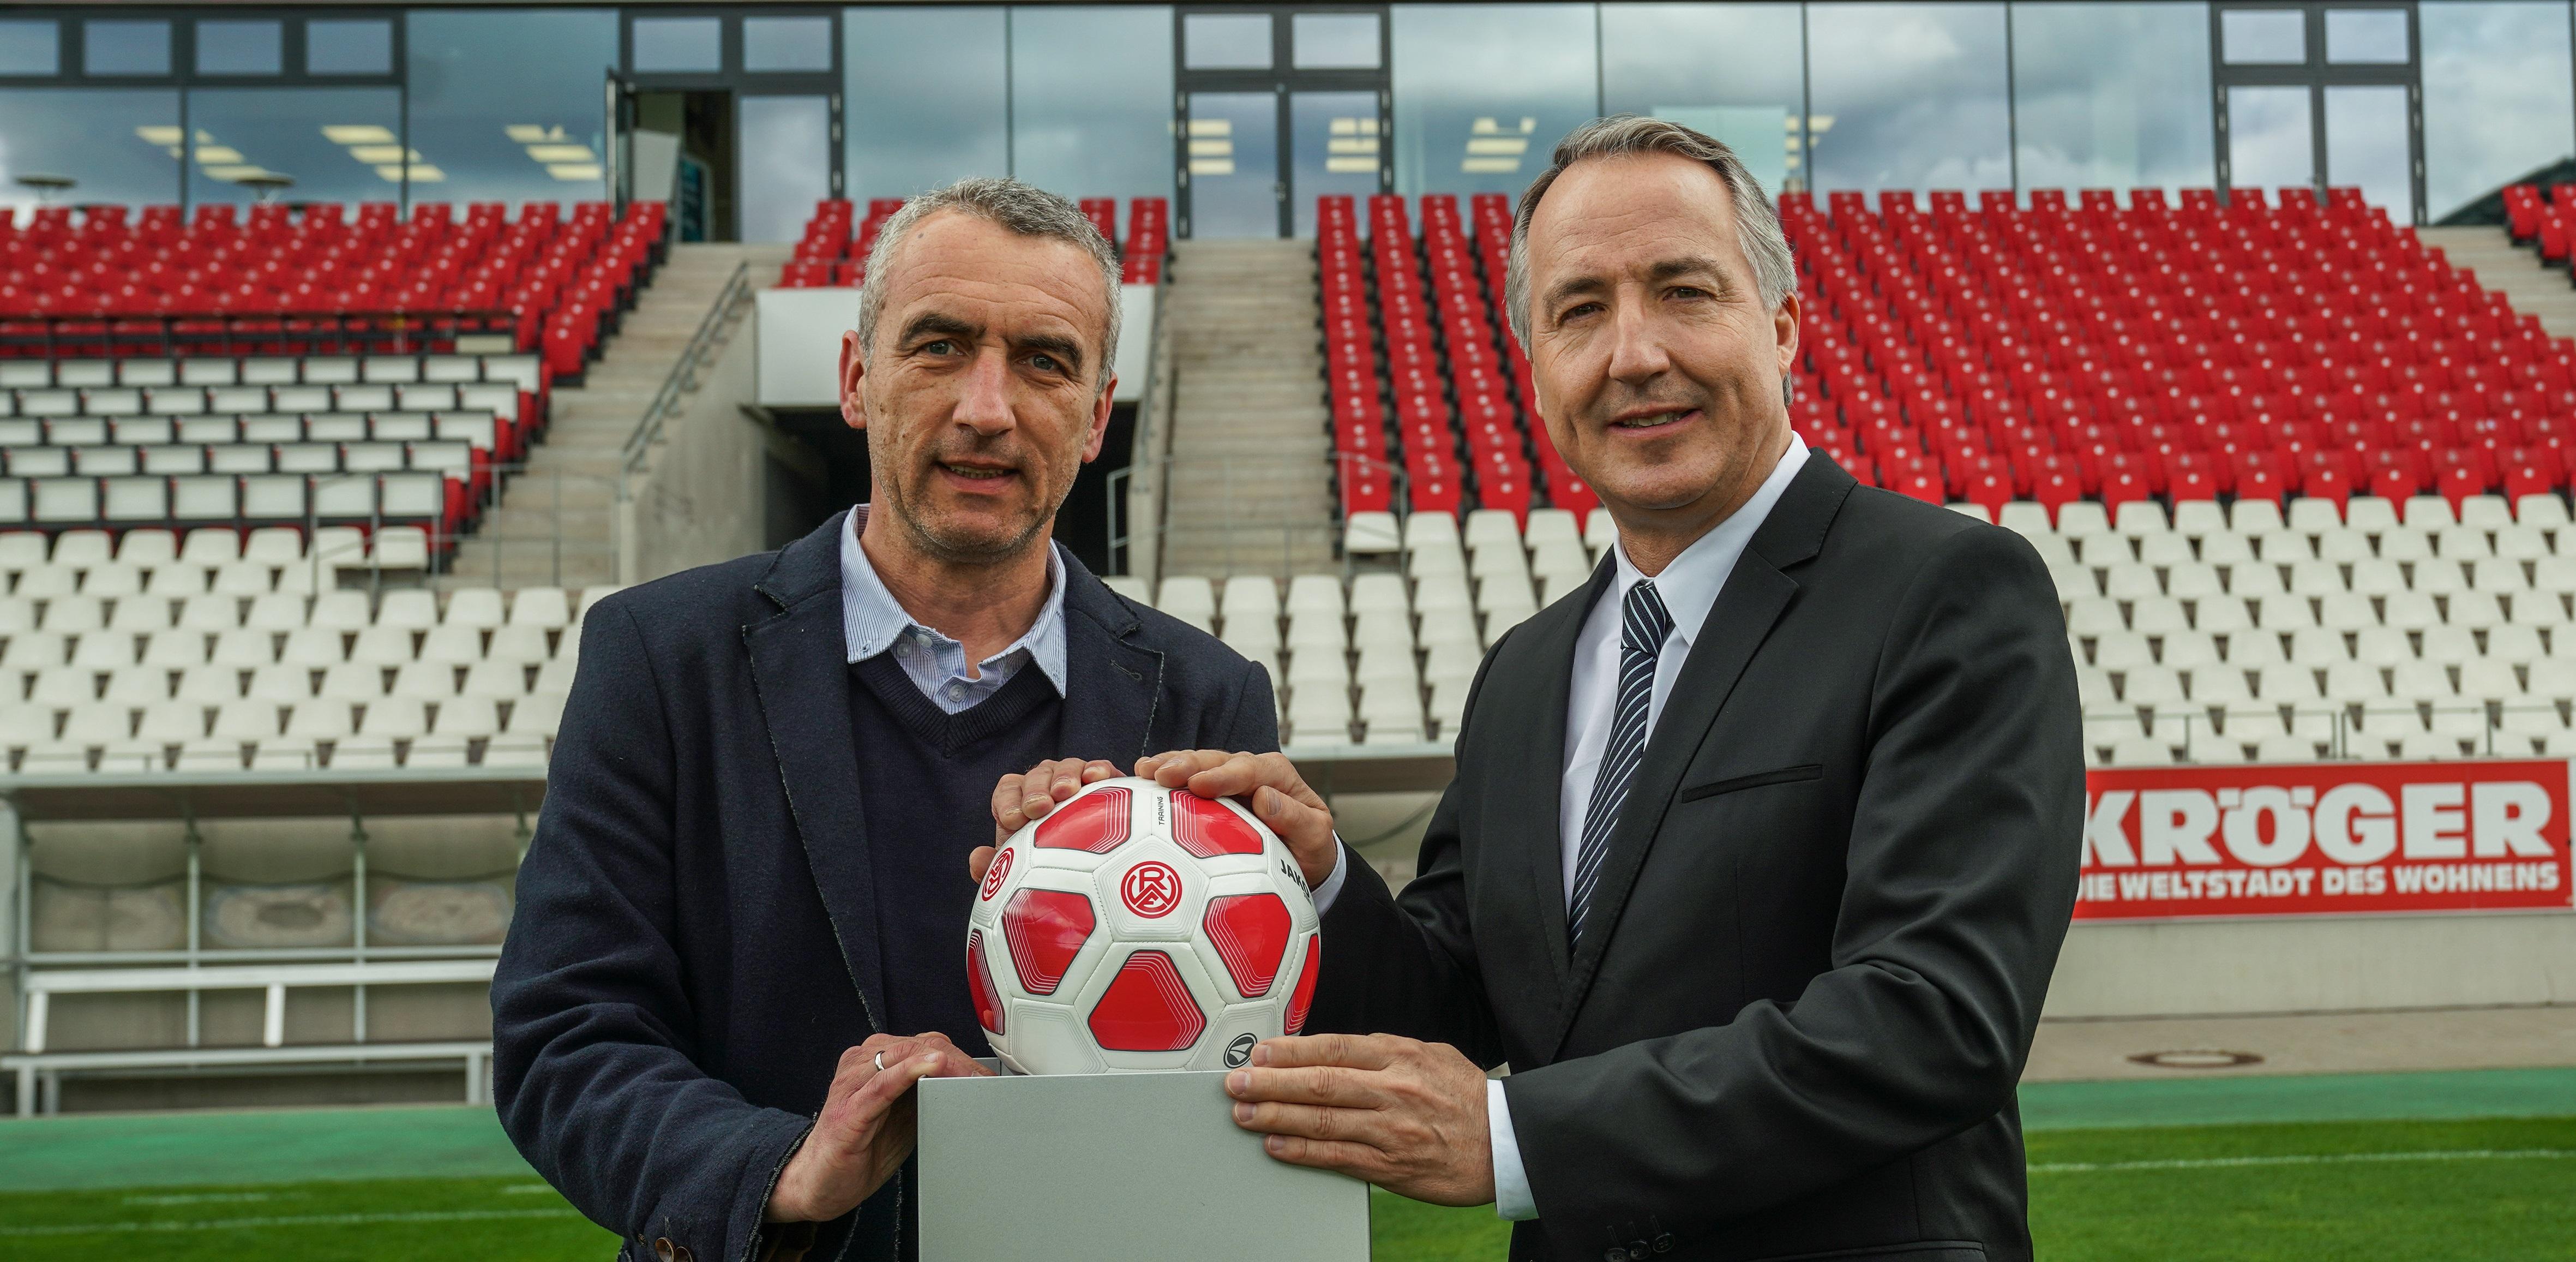 Die MESSE ESSEN hat die Premium-Partnerschaft bei Rot-Weiss Essen verlängert. (Foto: Gohl)